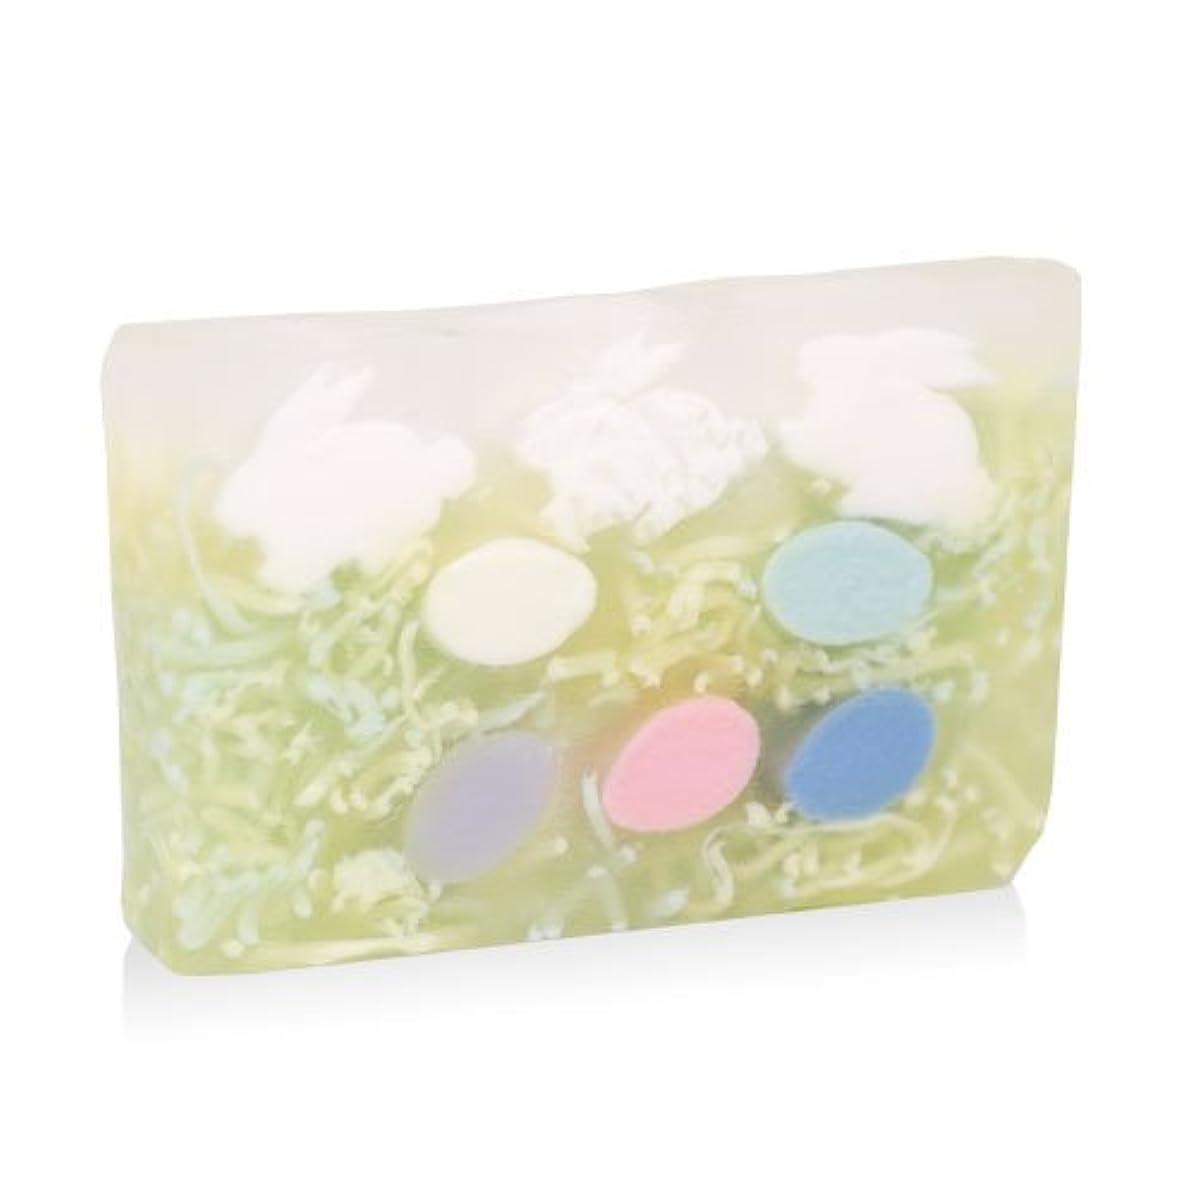 プライモールエレメンツ アロマティック ソープ スプリングフラワー 180g 植物性 ナチュラル 石鹸 無添加